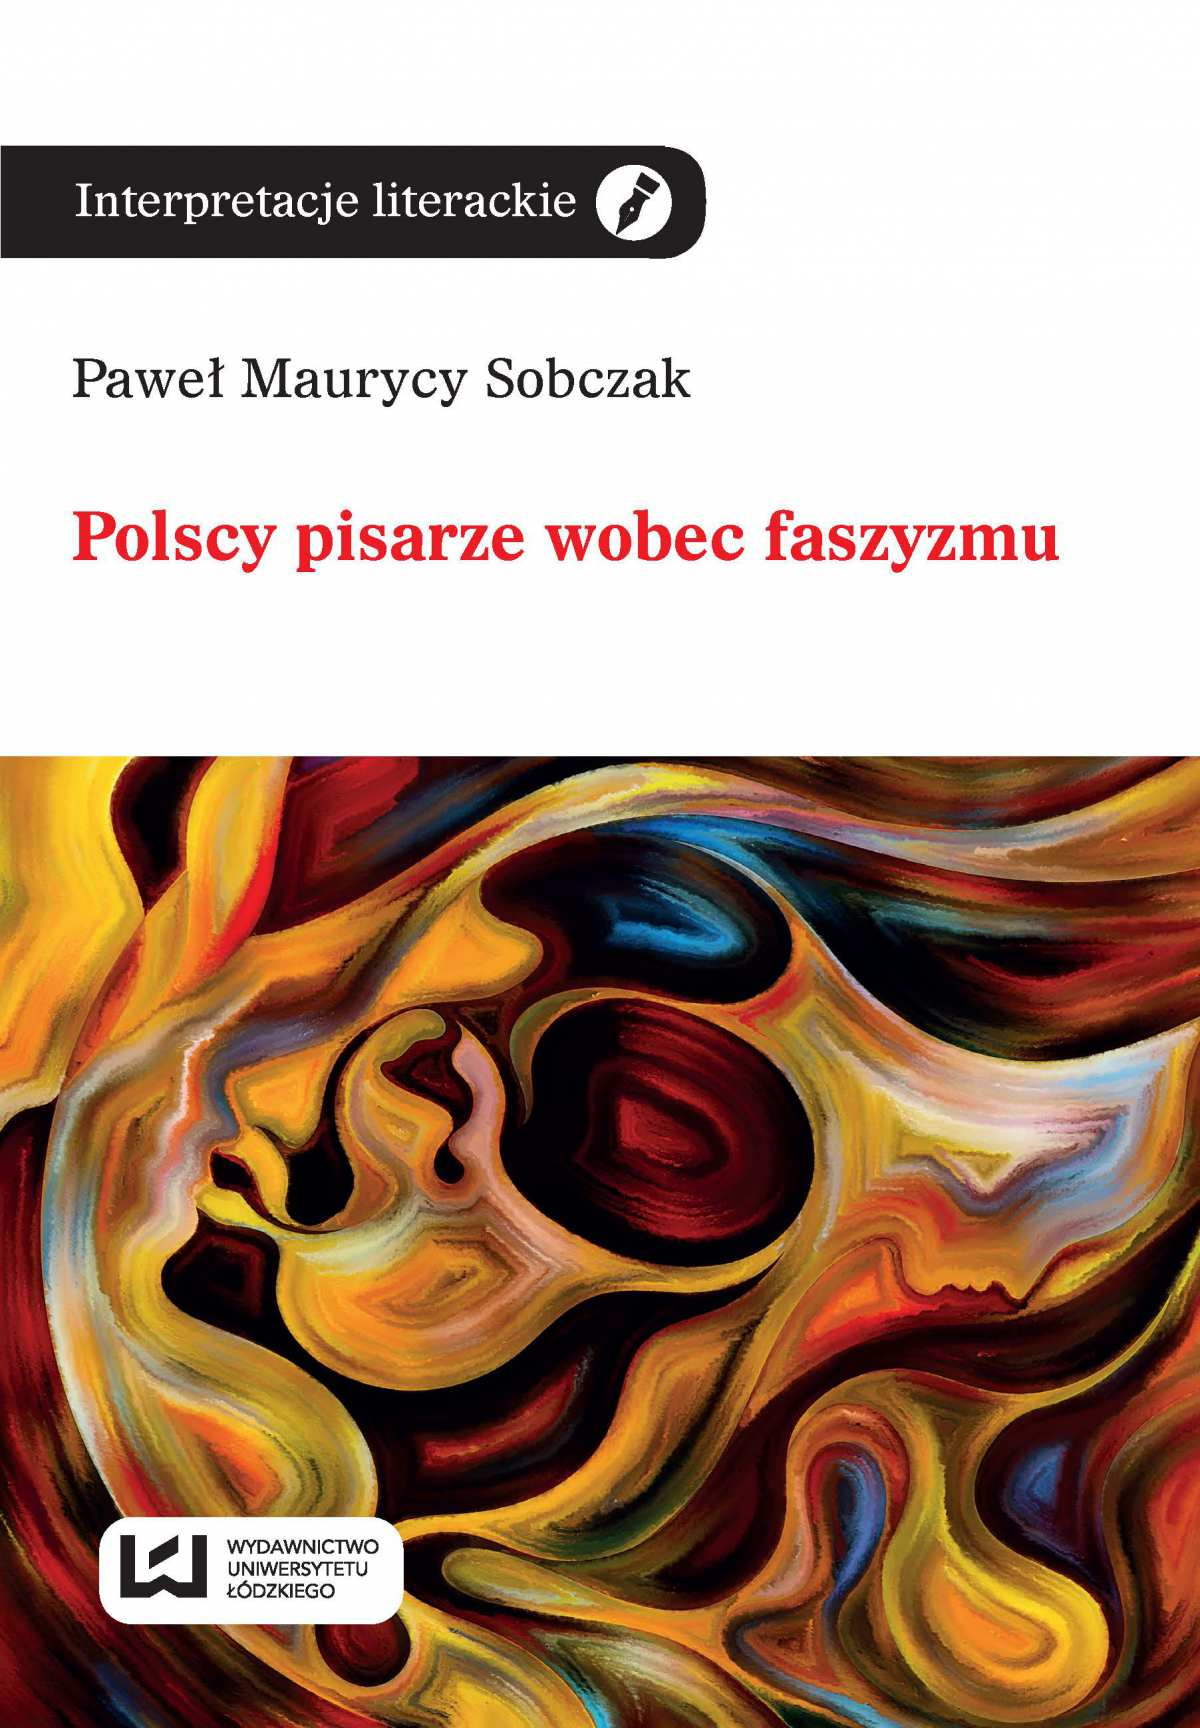 Polscy pisarze wobec faszyzmu - Ebook (Książka PDF) do pobrania w formacie PDF